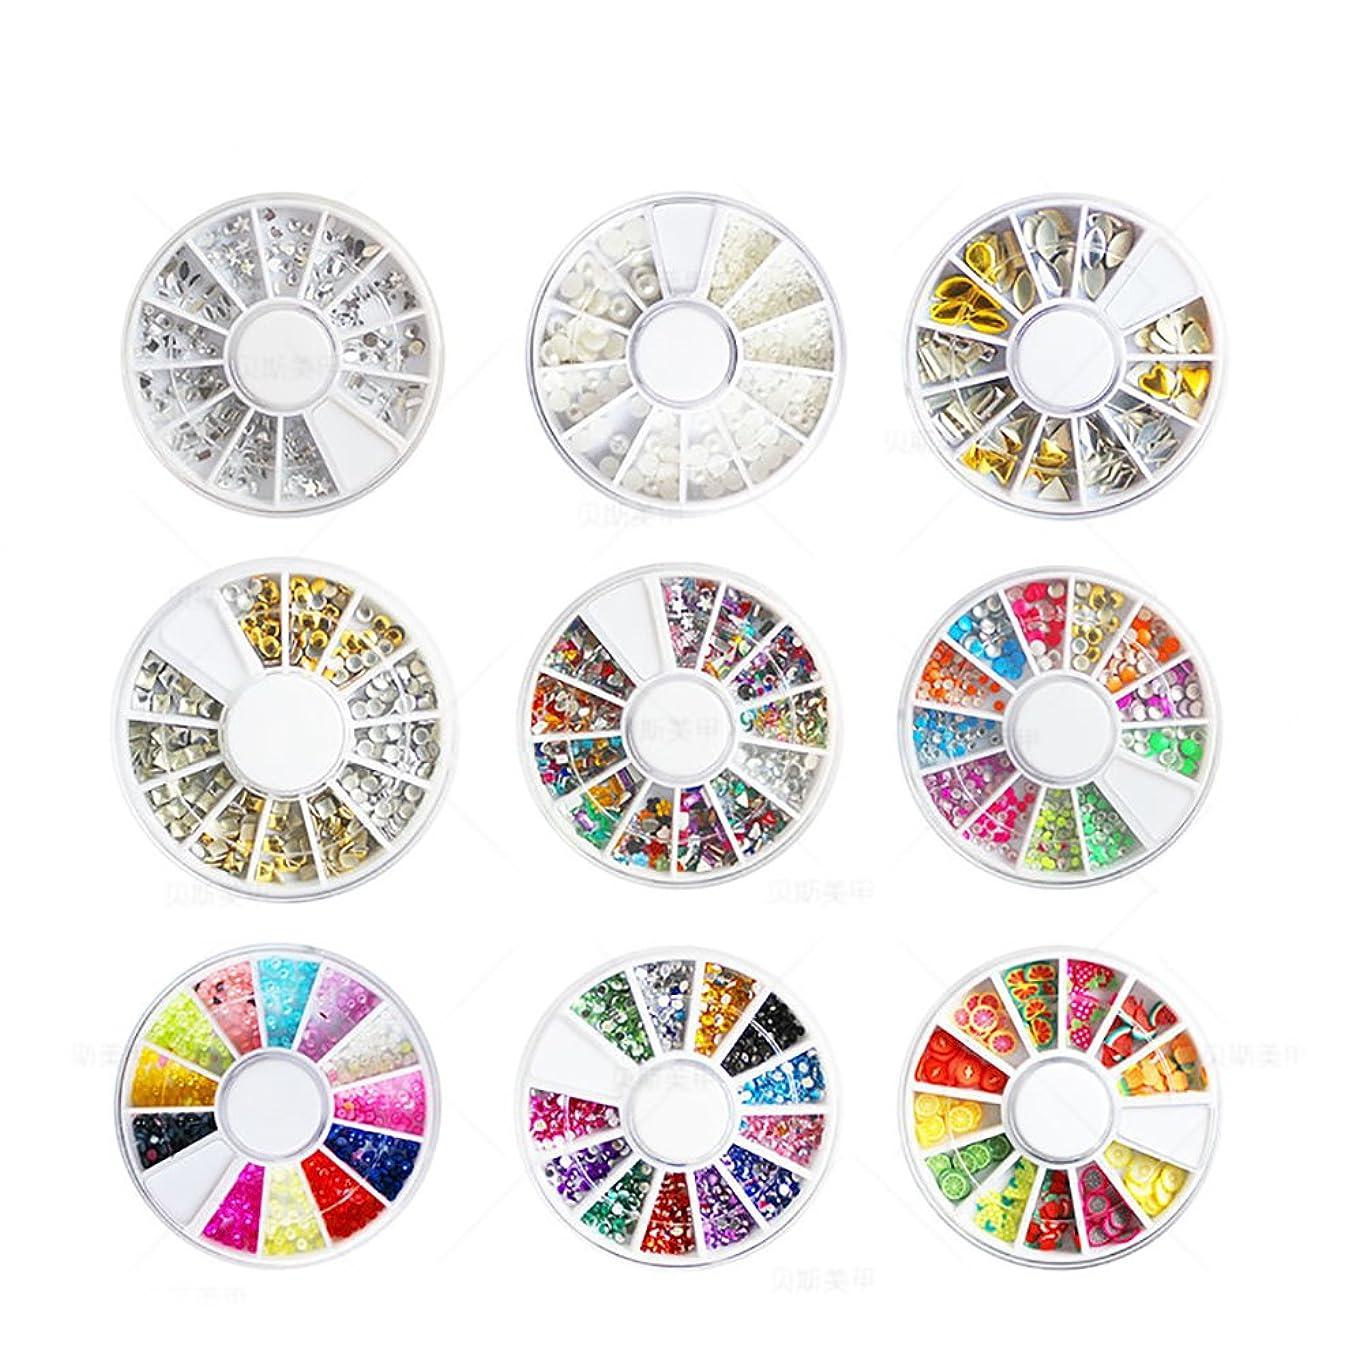 レンディション積分高いCUGBO ラインストーン ネイル用ストーン ビーズ 3Dネイルダイヤモンド 盛り合わせ ケース付 混合花柄 フルーツ 9個セット